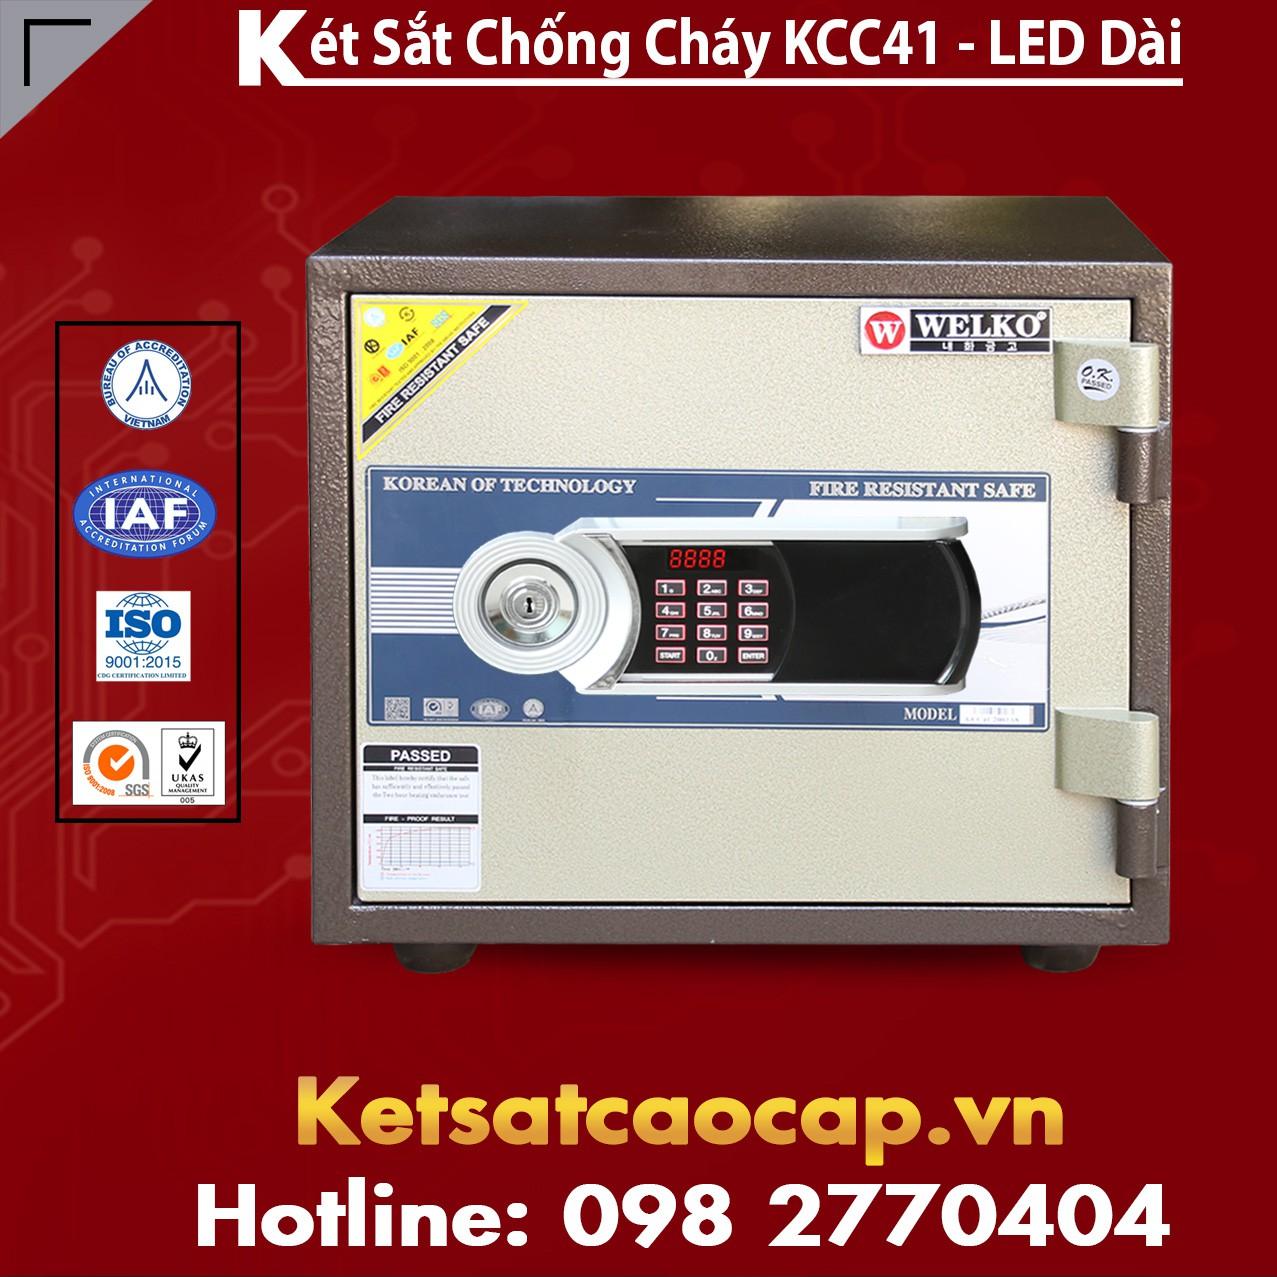 Két Sắt  Mini Chống Cháy WELKO KCC41 - Led Dài